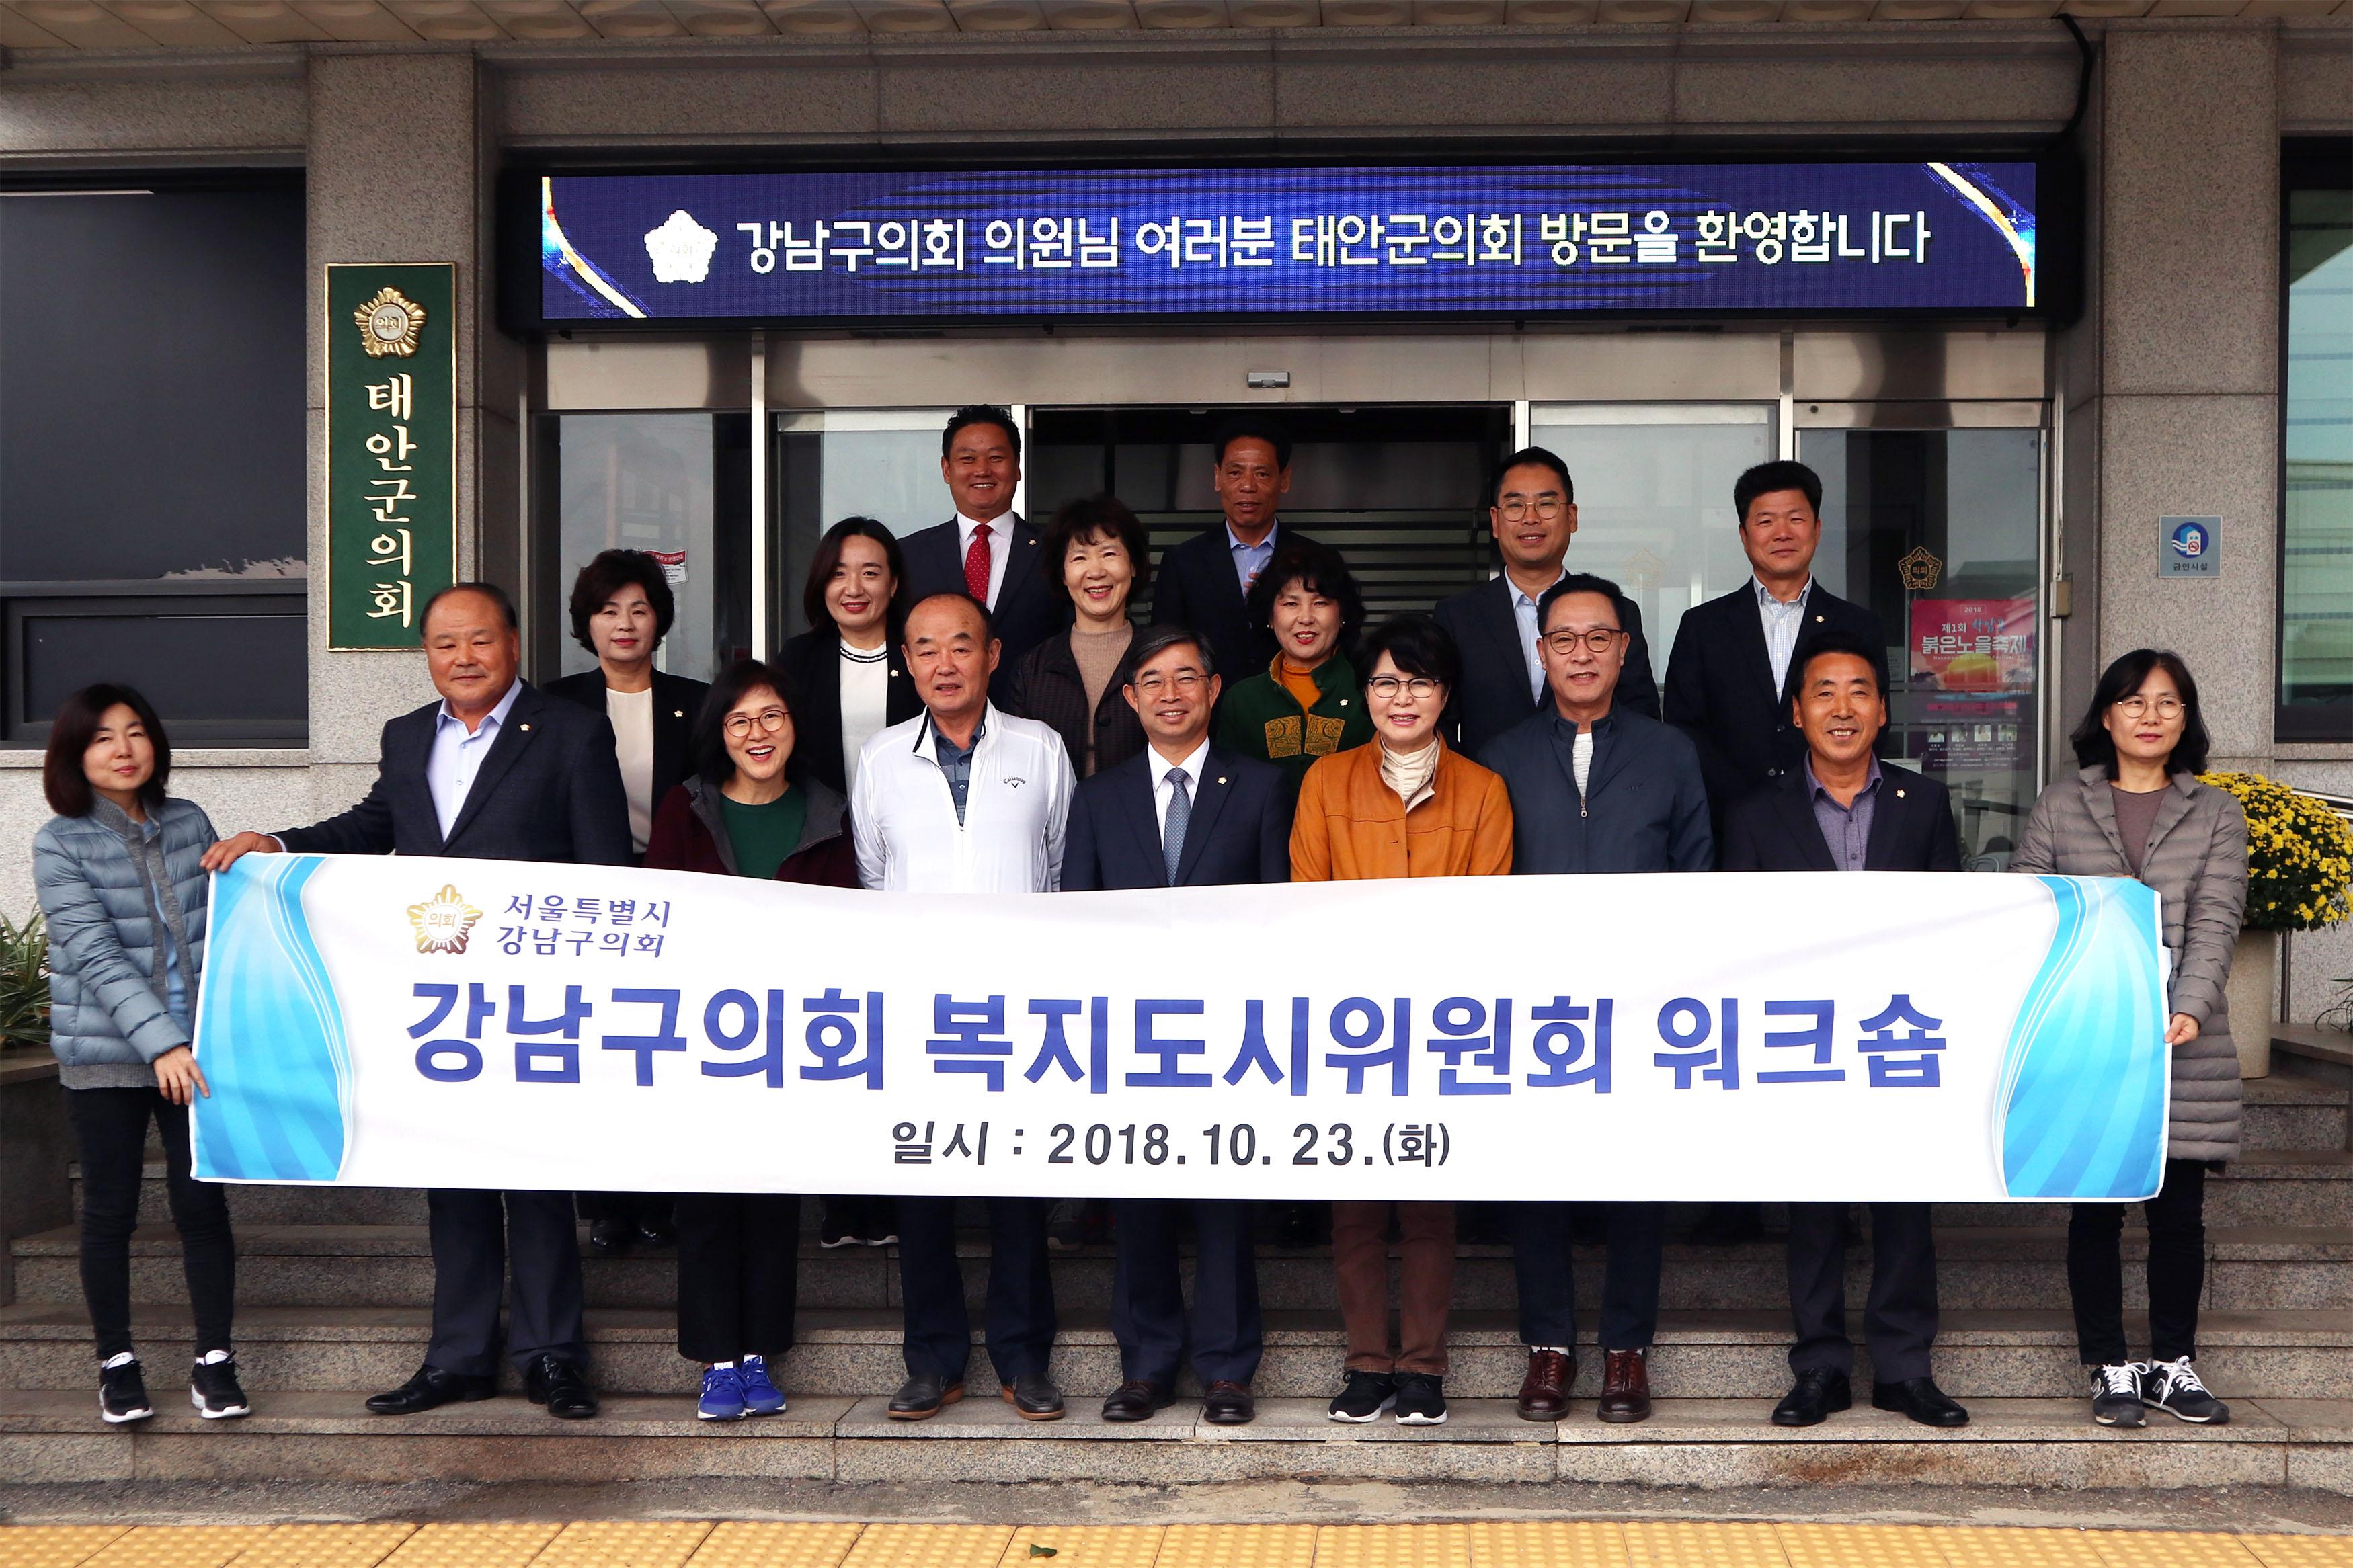 2018 복지도시위원회 워크숍 IMG_3519.jpg